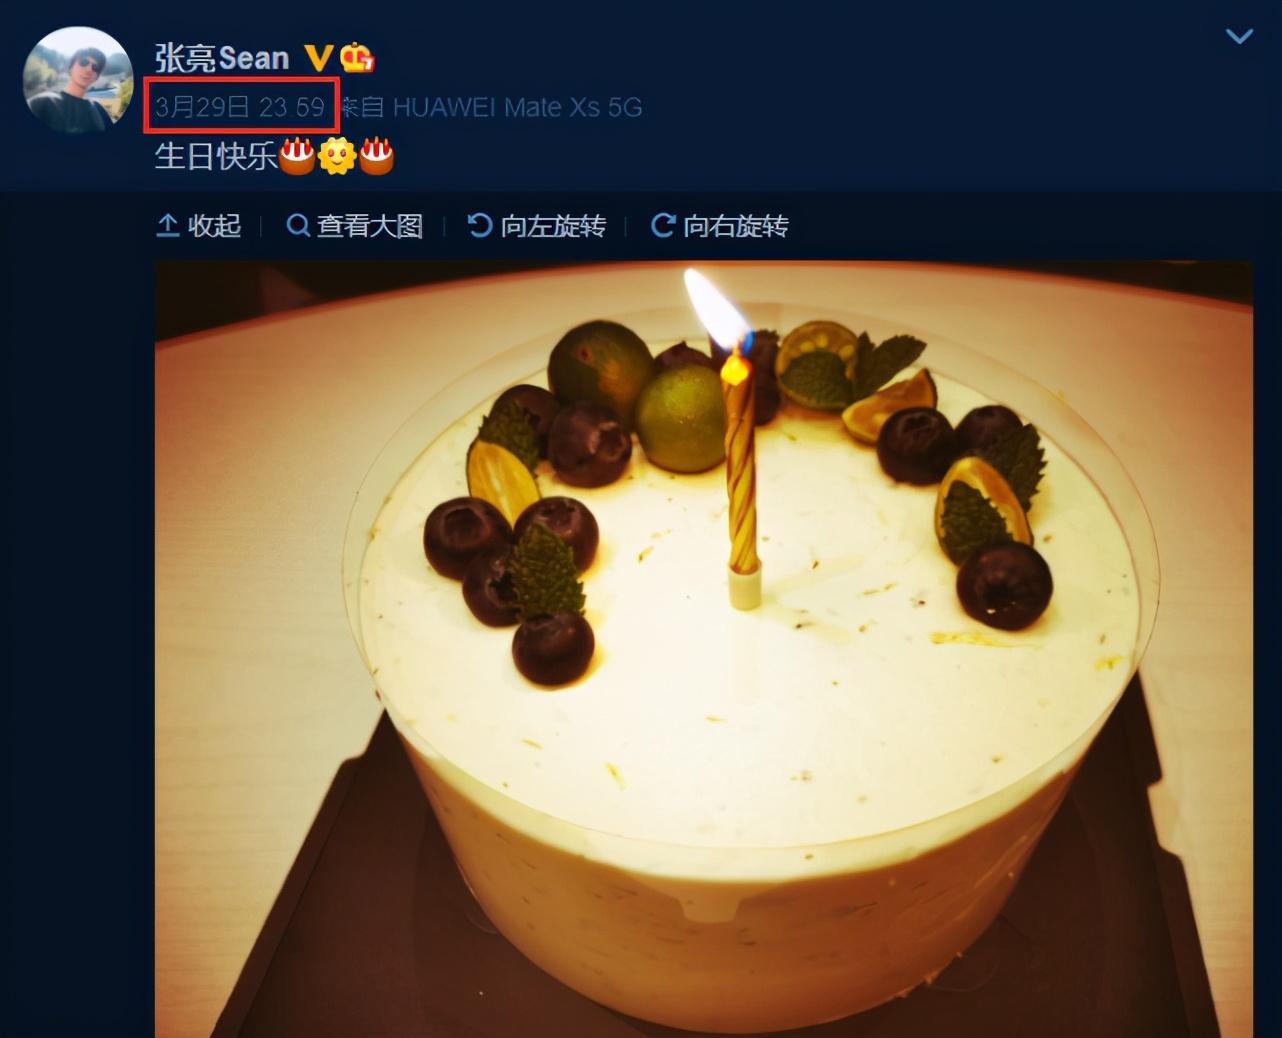 张亮为前妻寇静庆生,卡点最后一分钟超用心,网友猜测两人已复婚